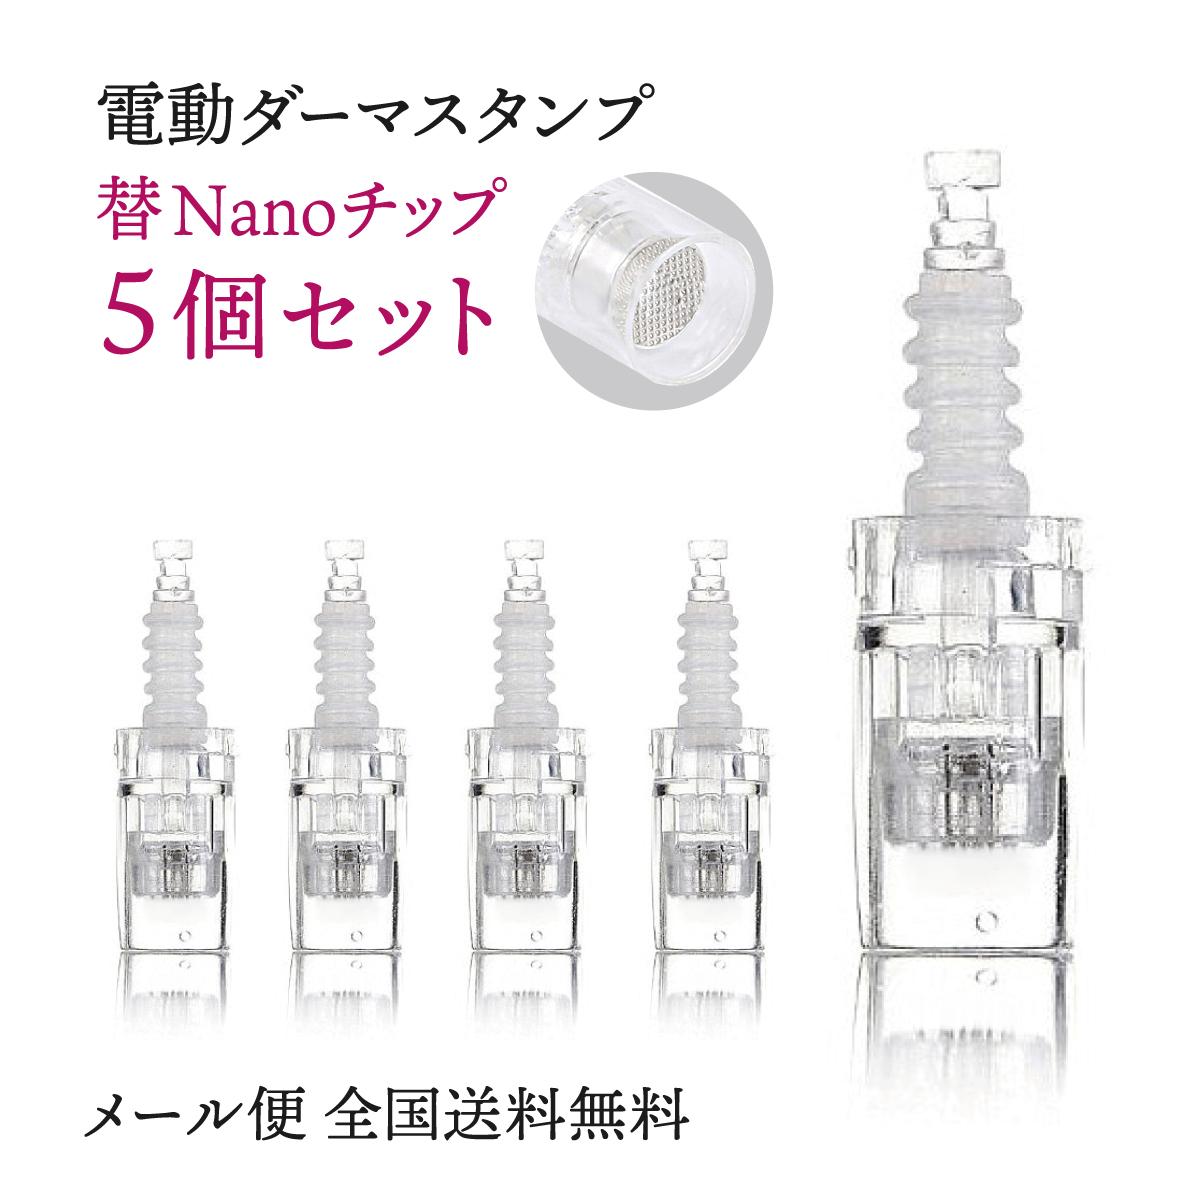 電動ダーマスタンプ替えチップ ナノタイプ ナノチップ 5個セット メール便送料無料 保証付 [M便 1/3]